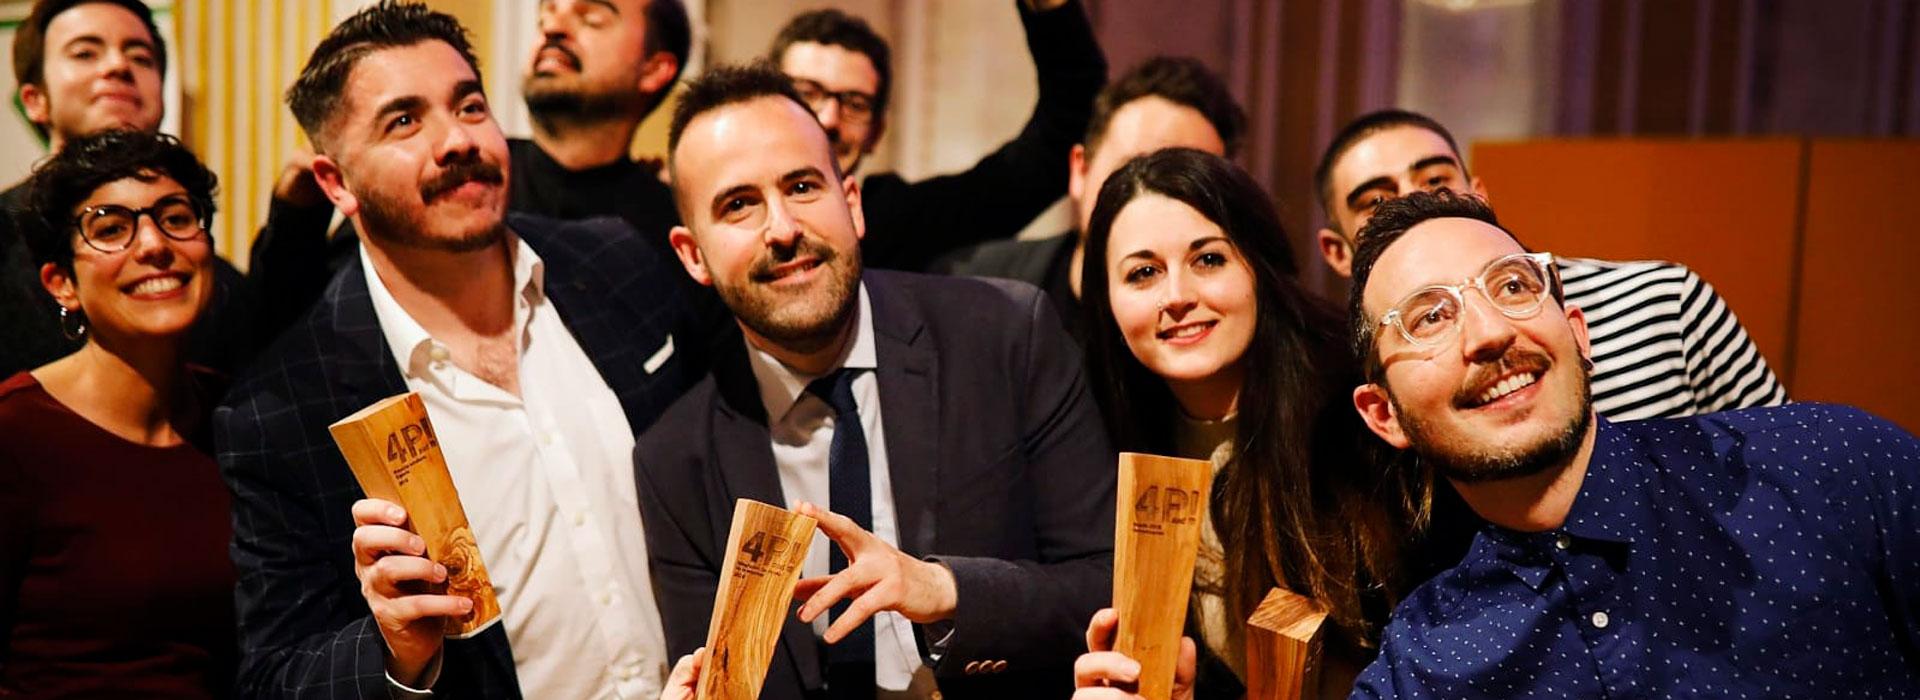 Premios aad 2019